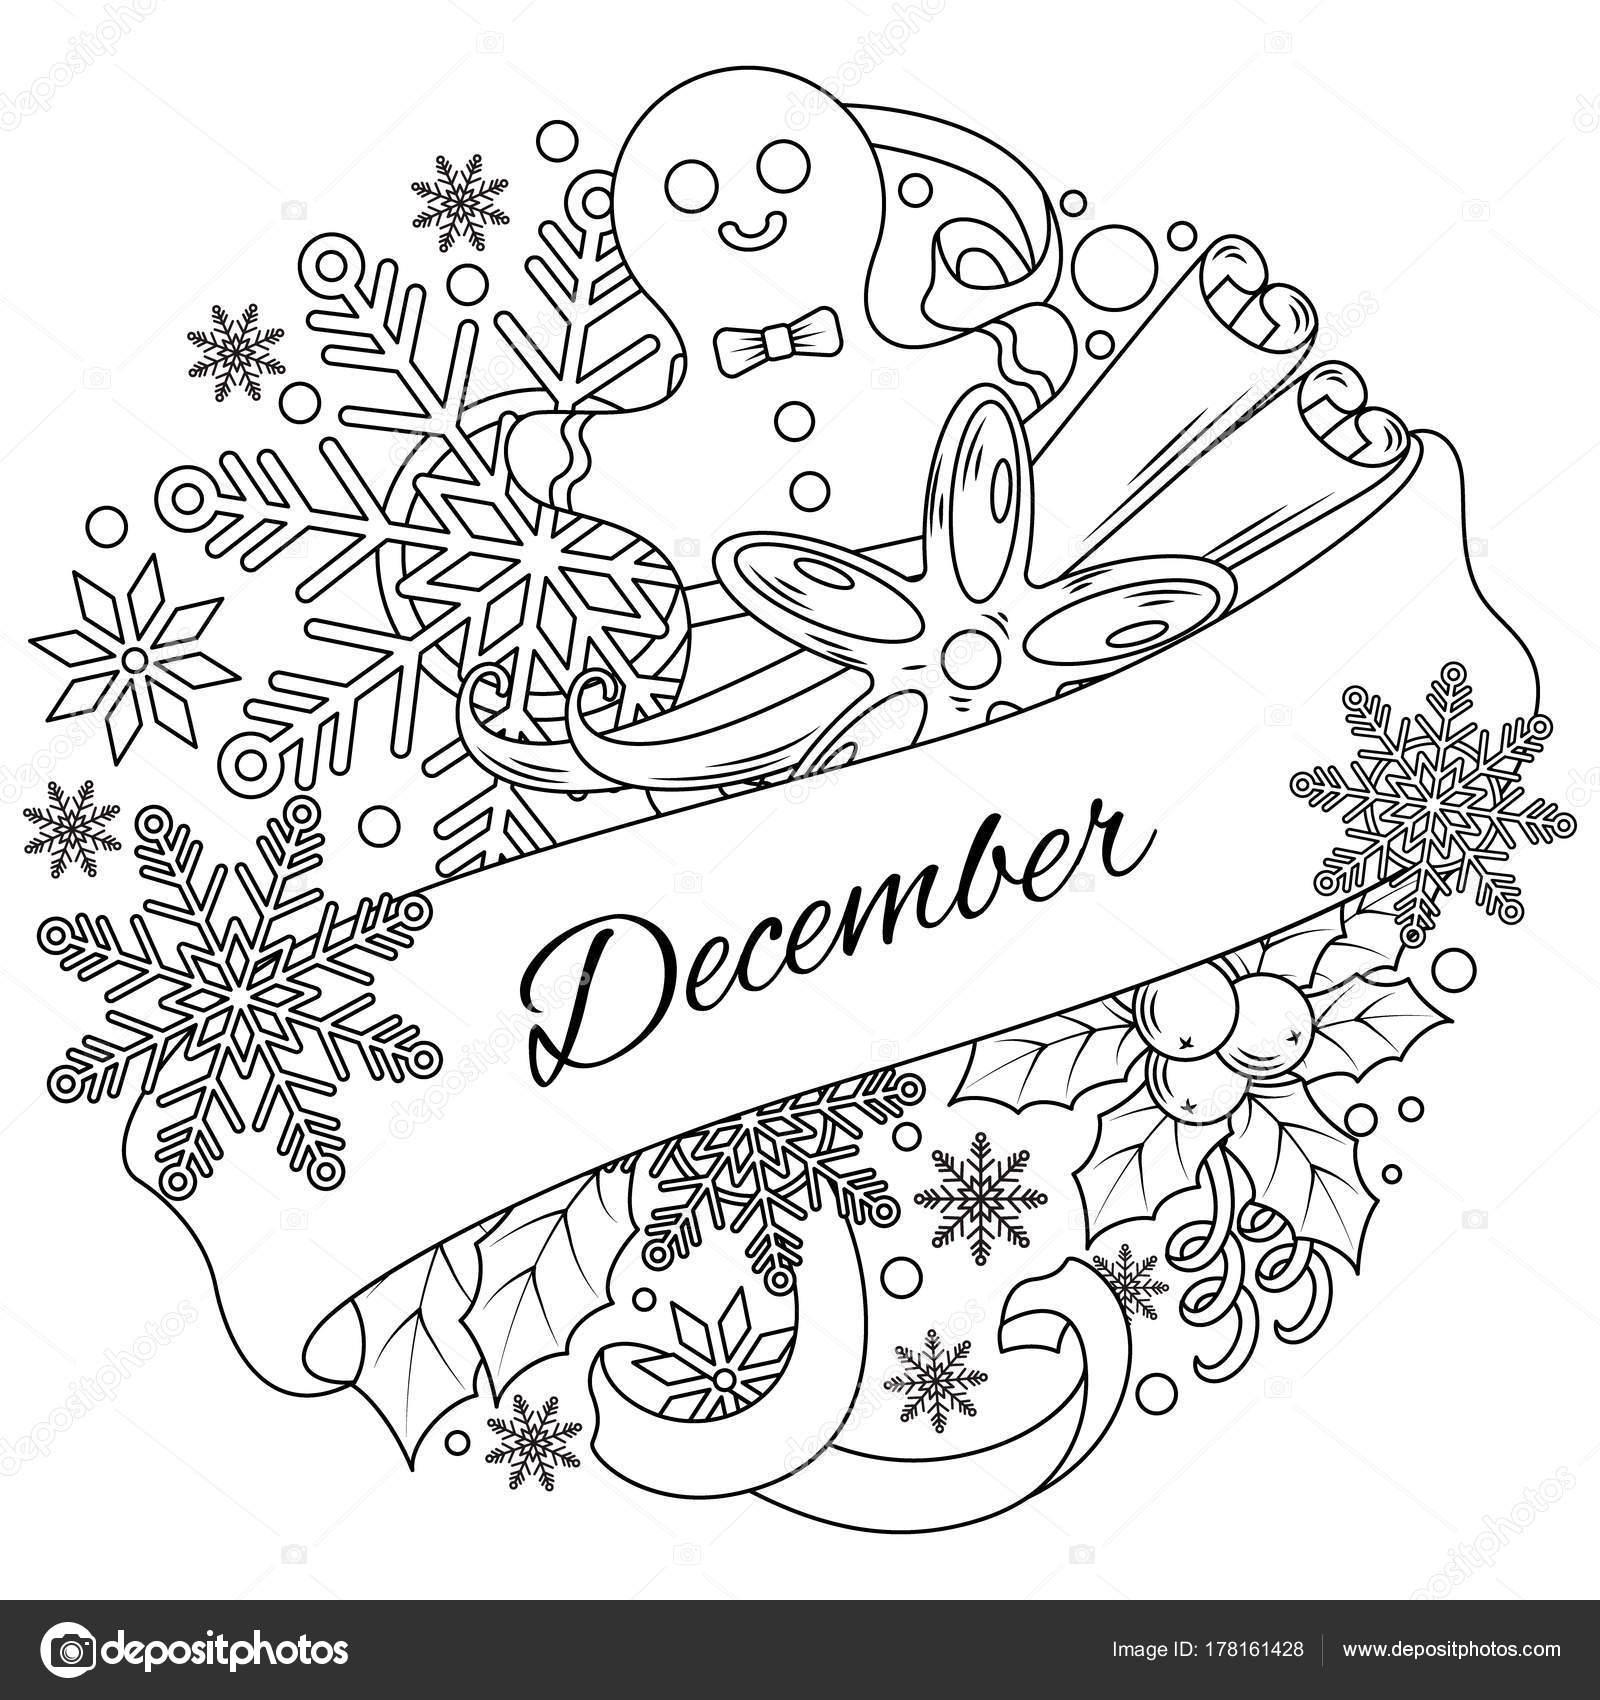 Kleurplaten Seizoen Winter.December De Circulaire Rangschikking Van Elementen